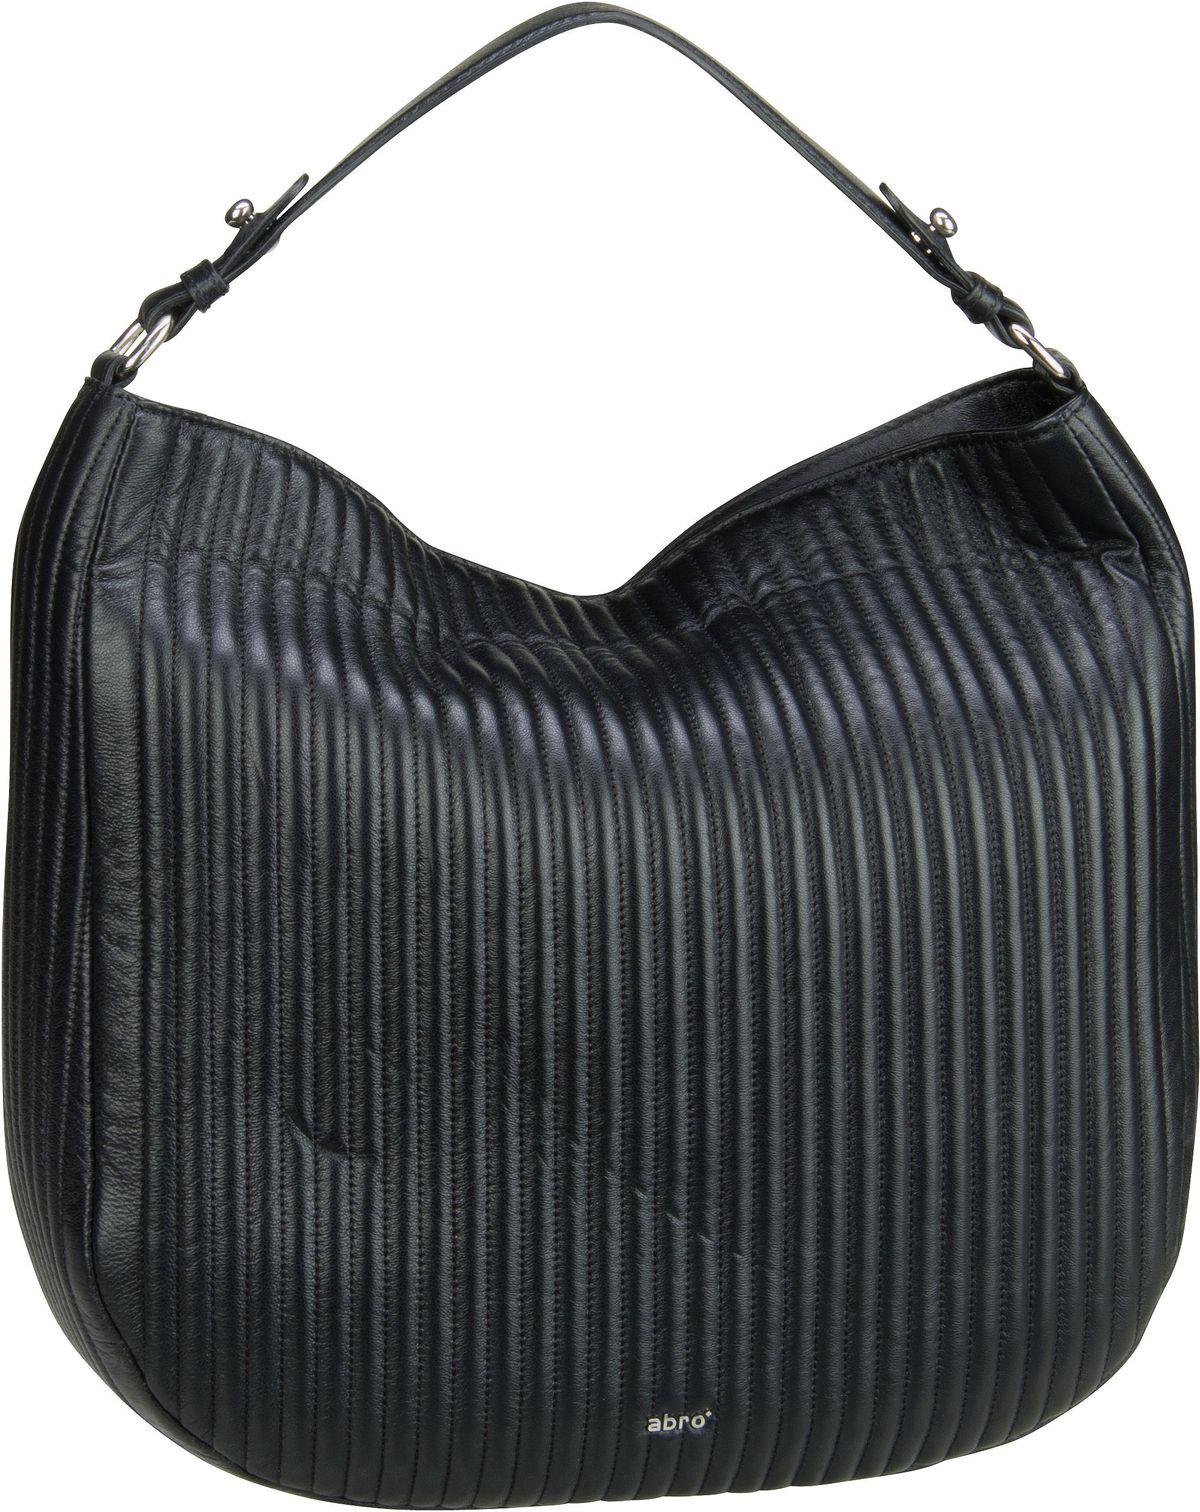 Handtasche Nappa Trappunta 28653 Black/Nickel